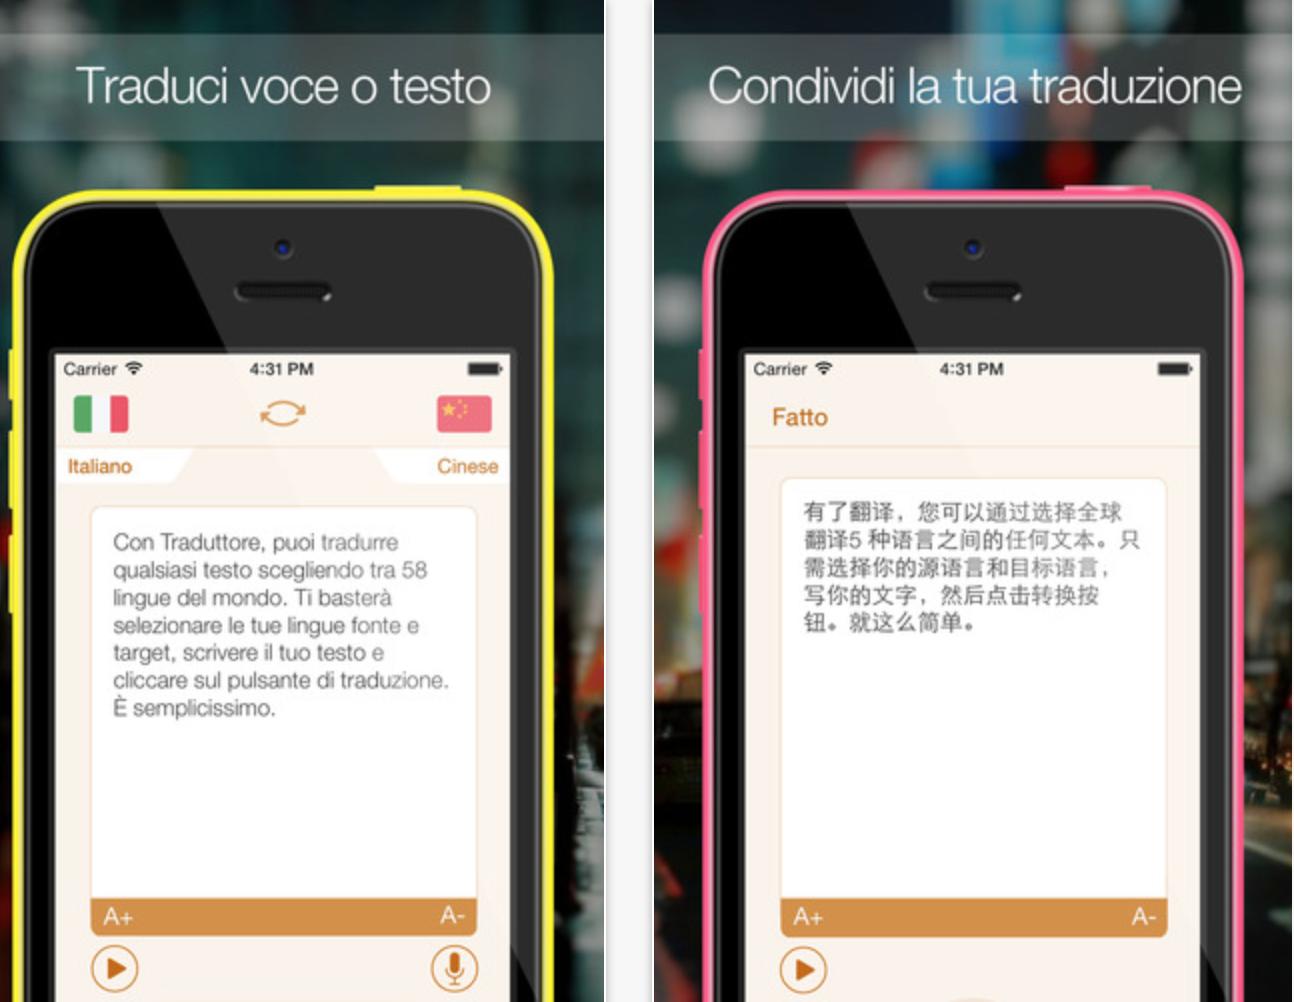 Oggi gratis traduttore vocale automatico da 4 99 euro for Traduttore apple